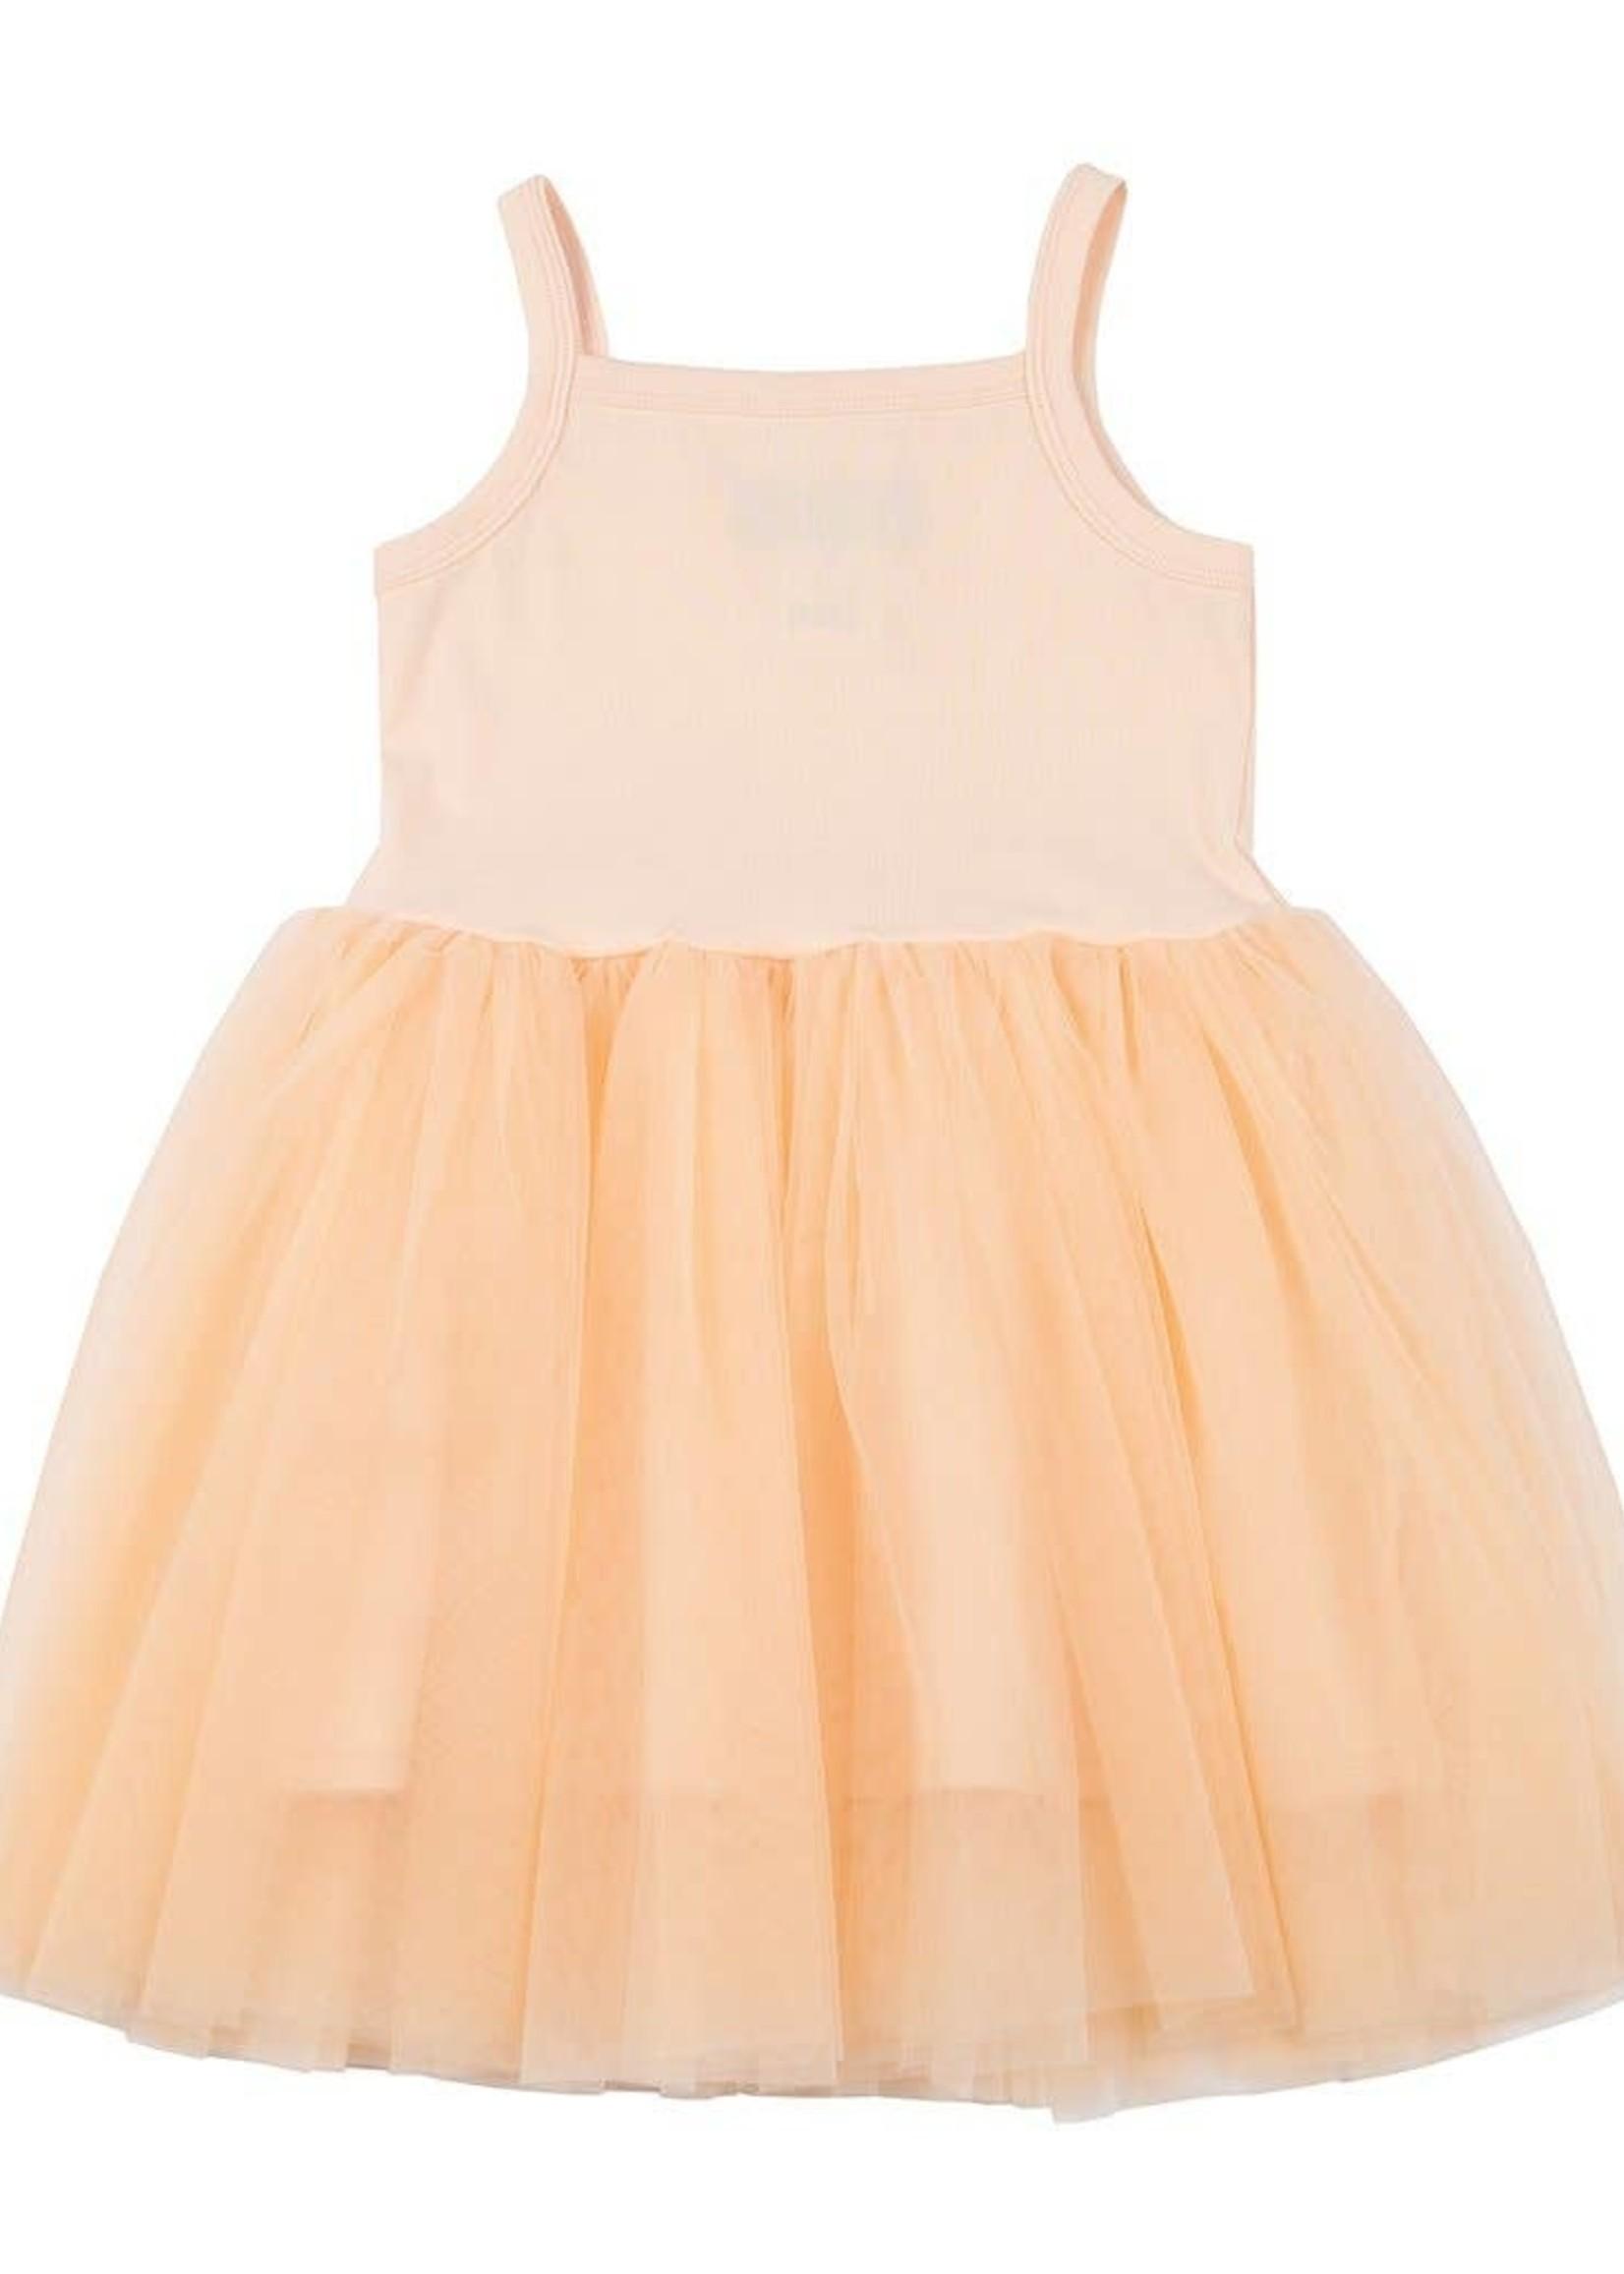 Bob & blossom Party Dress